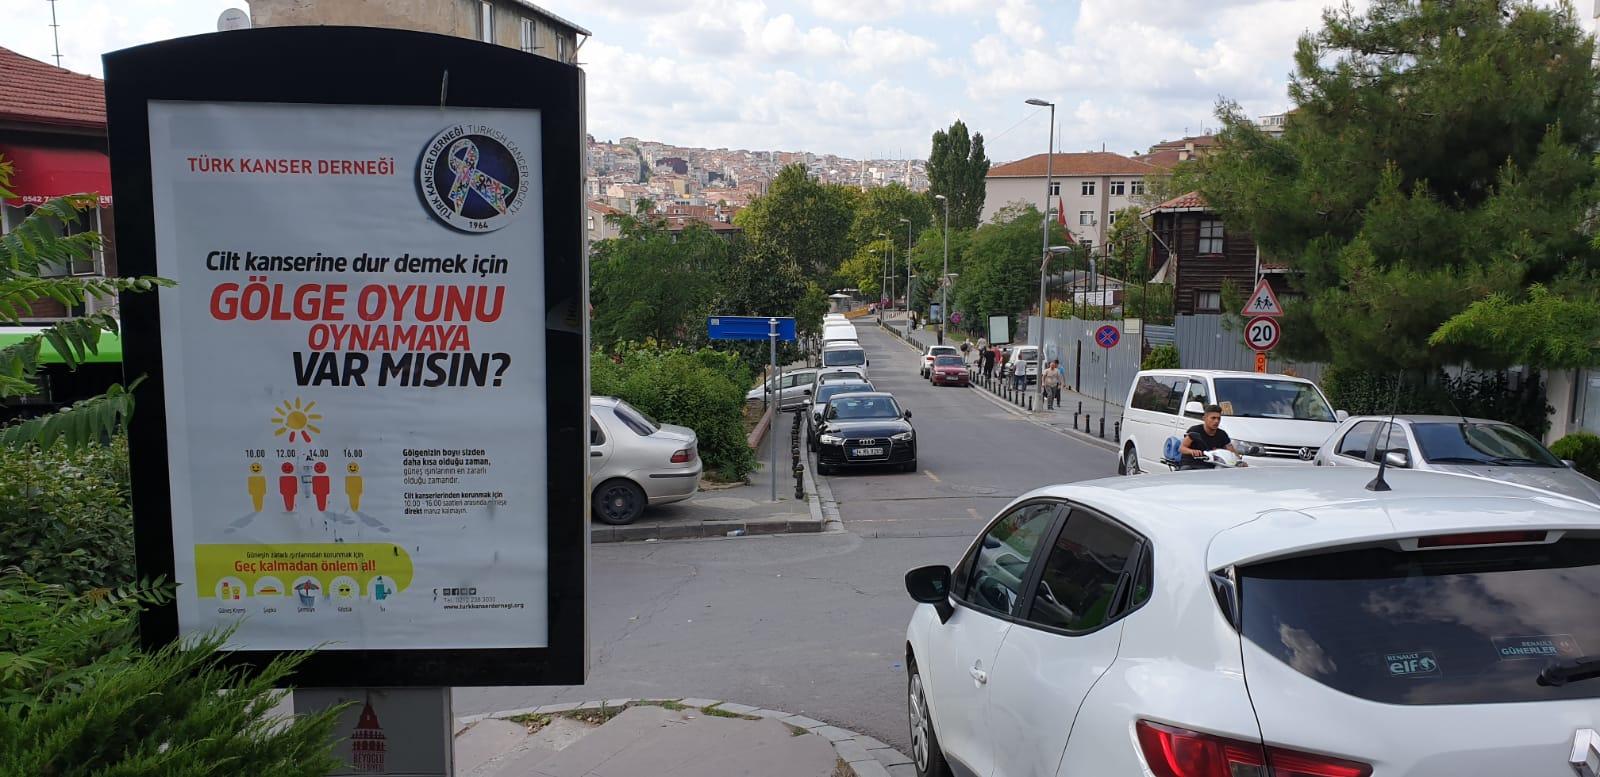 2019 Farkındalık Çalışmaları - TÜRK KANSER DERNEĞİ